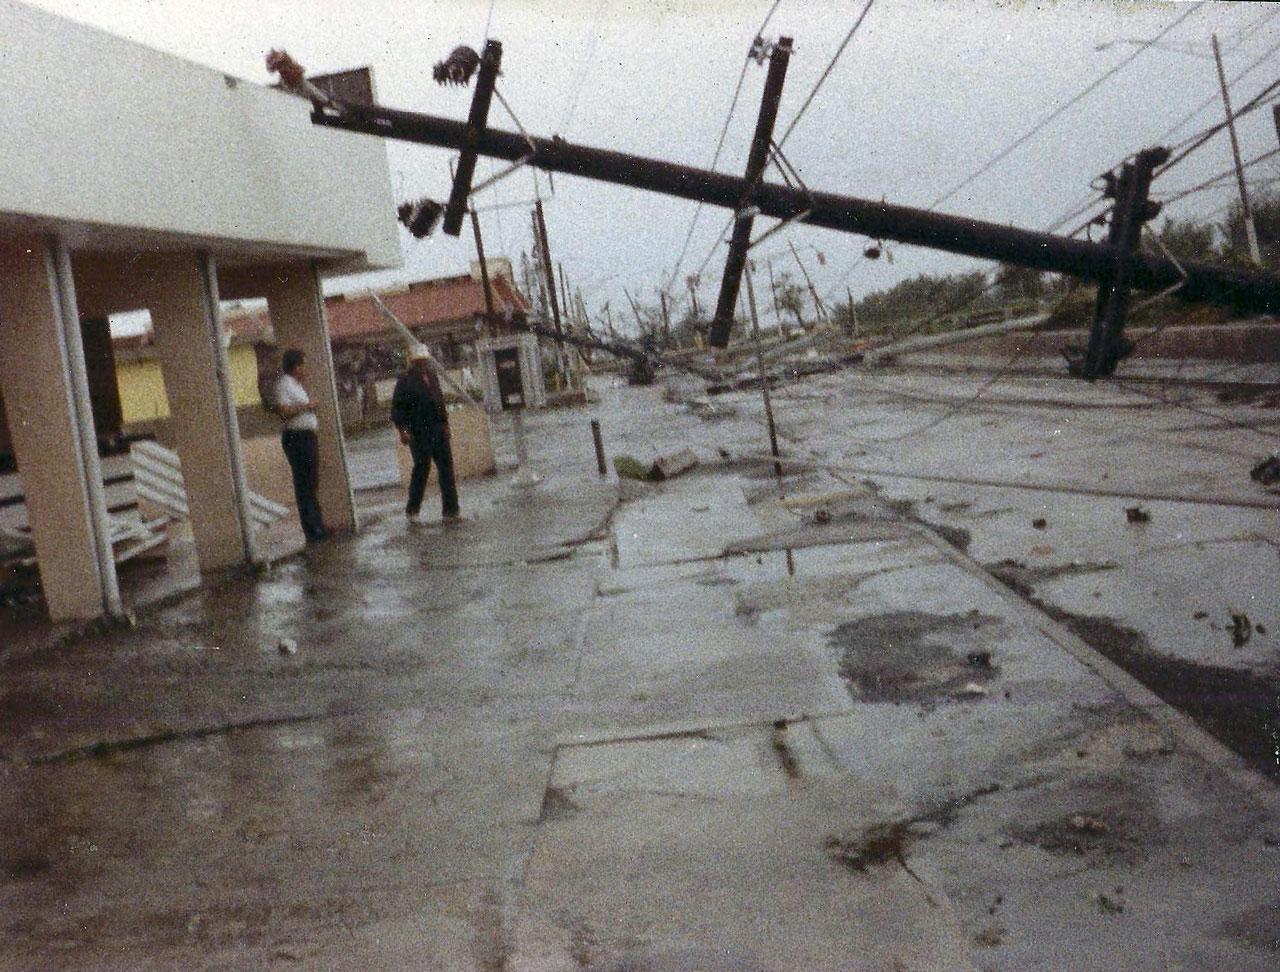 Bebo's BBQ y Mc Donald's, de  la Urbanización Los Ángeles en Carolina, tras el paso del Huracán Hugo por Puerto Rico.